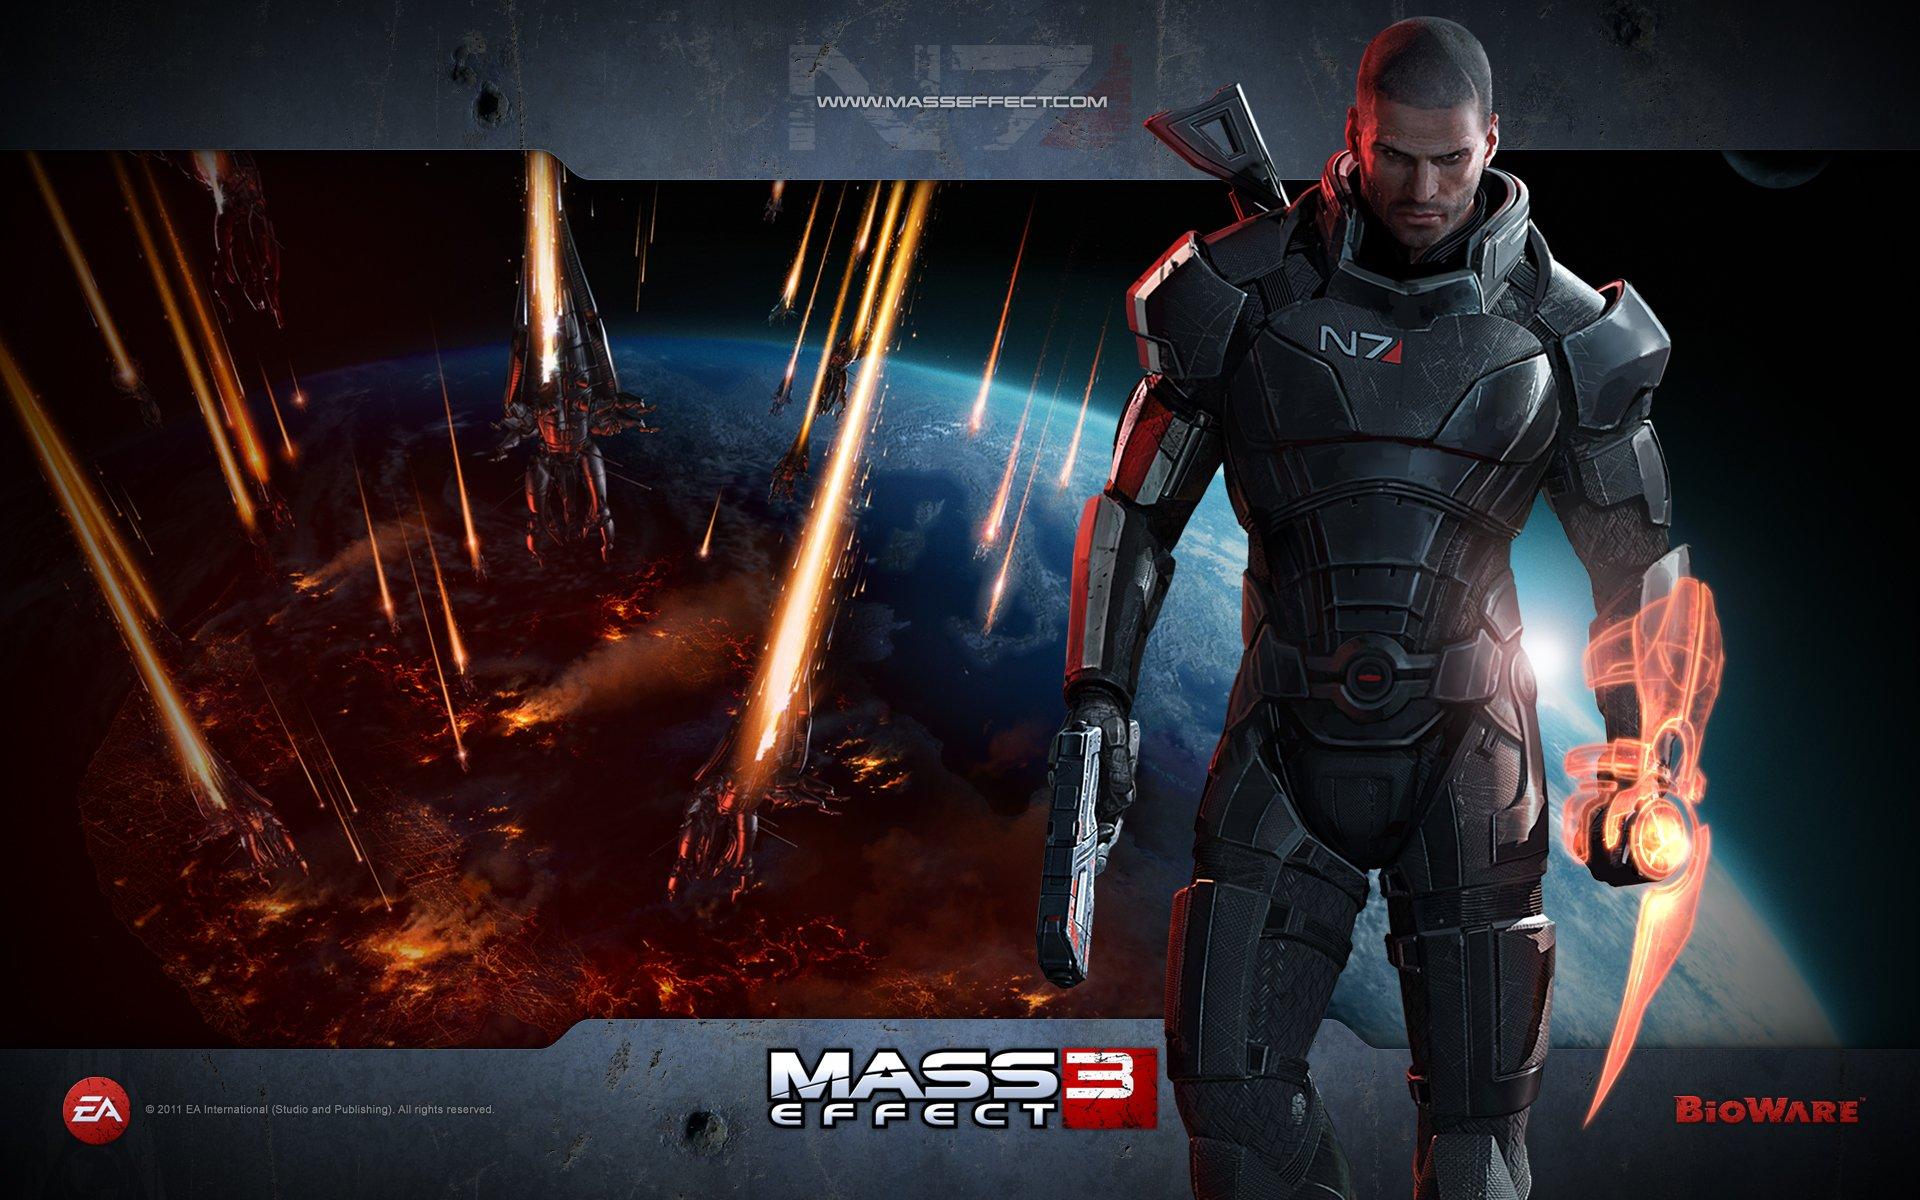 Интернет продолжает пополняться слухами и домыслами, и тема спорного финала Mass Effect 3 в этом плане составляет по ... - Изображение 1